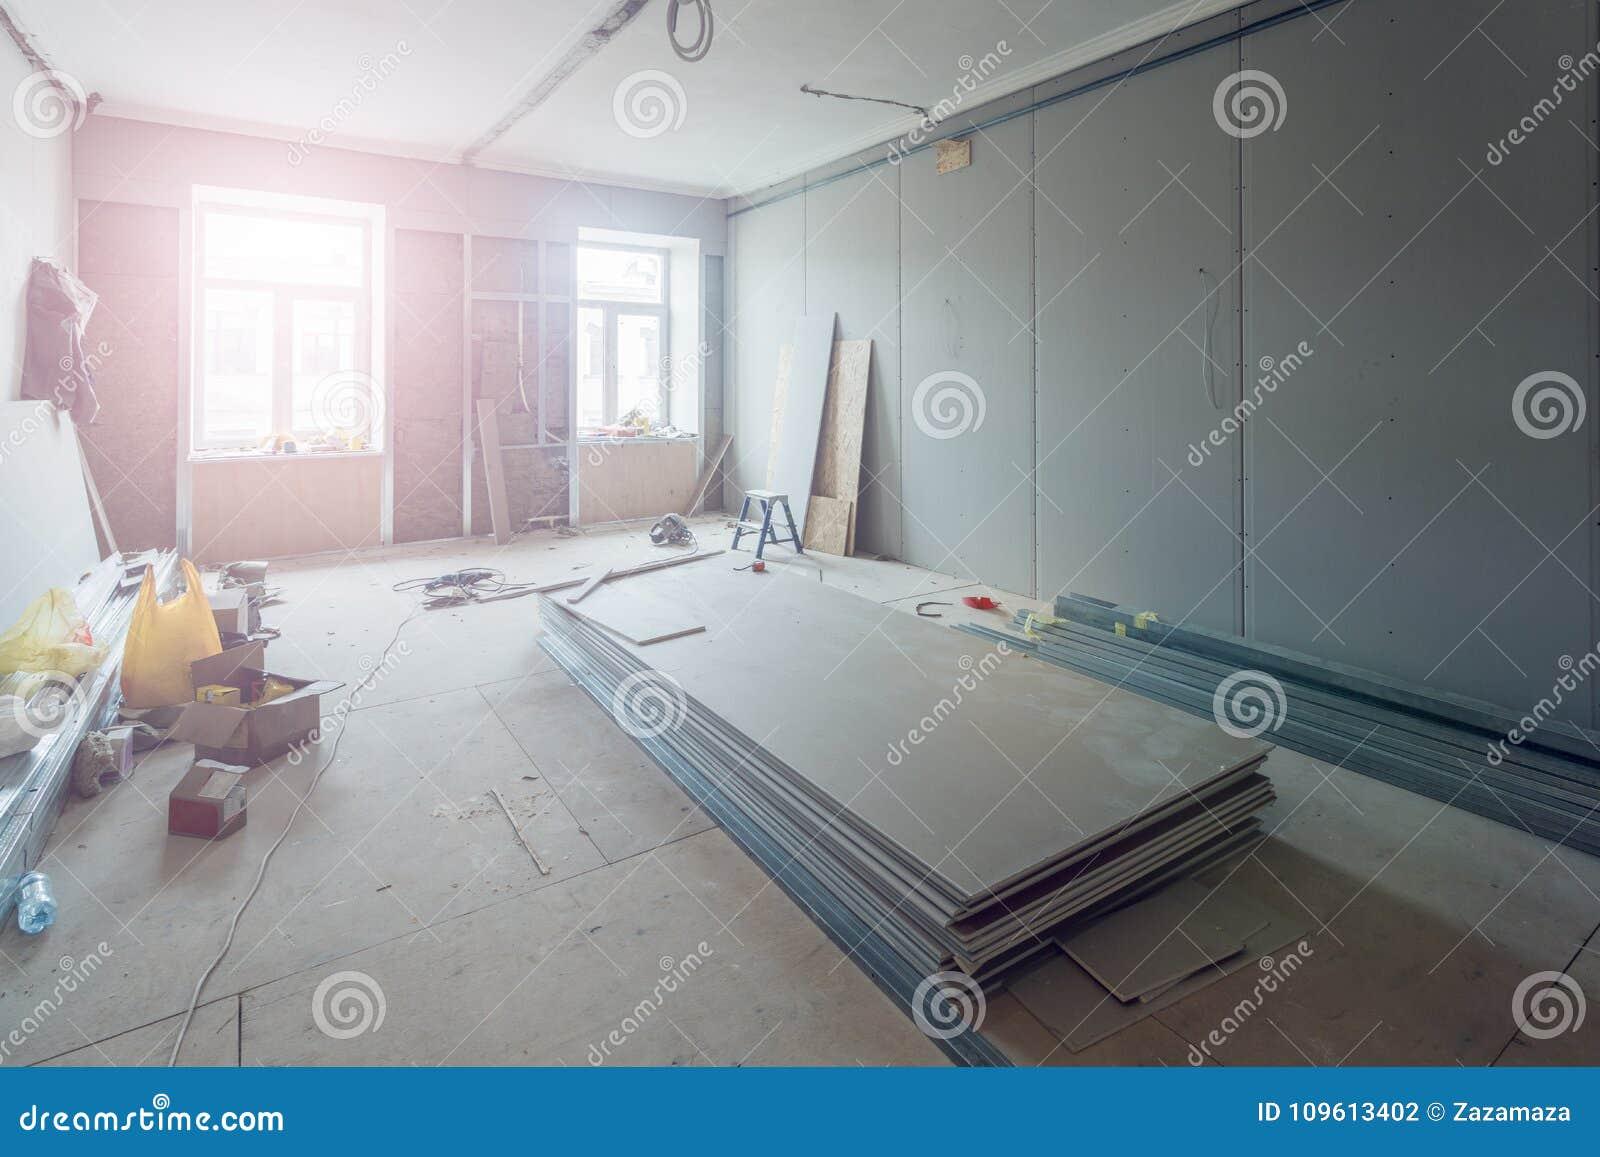 Работа отростчатая устанавливать рамки металла для гипсокартона штукатурной плиты для делать стены гипса в квартиру под конструкц